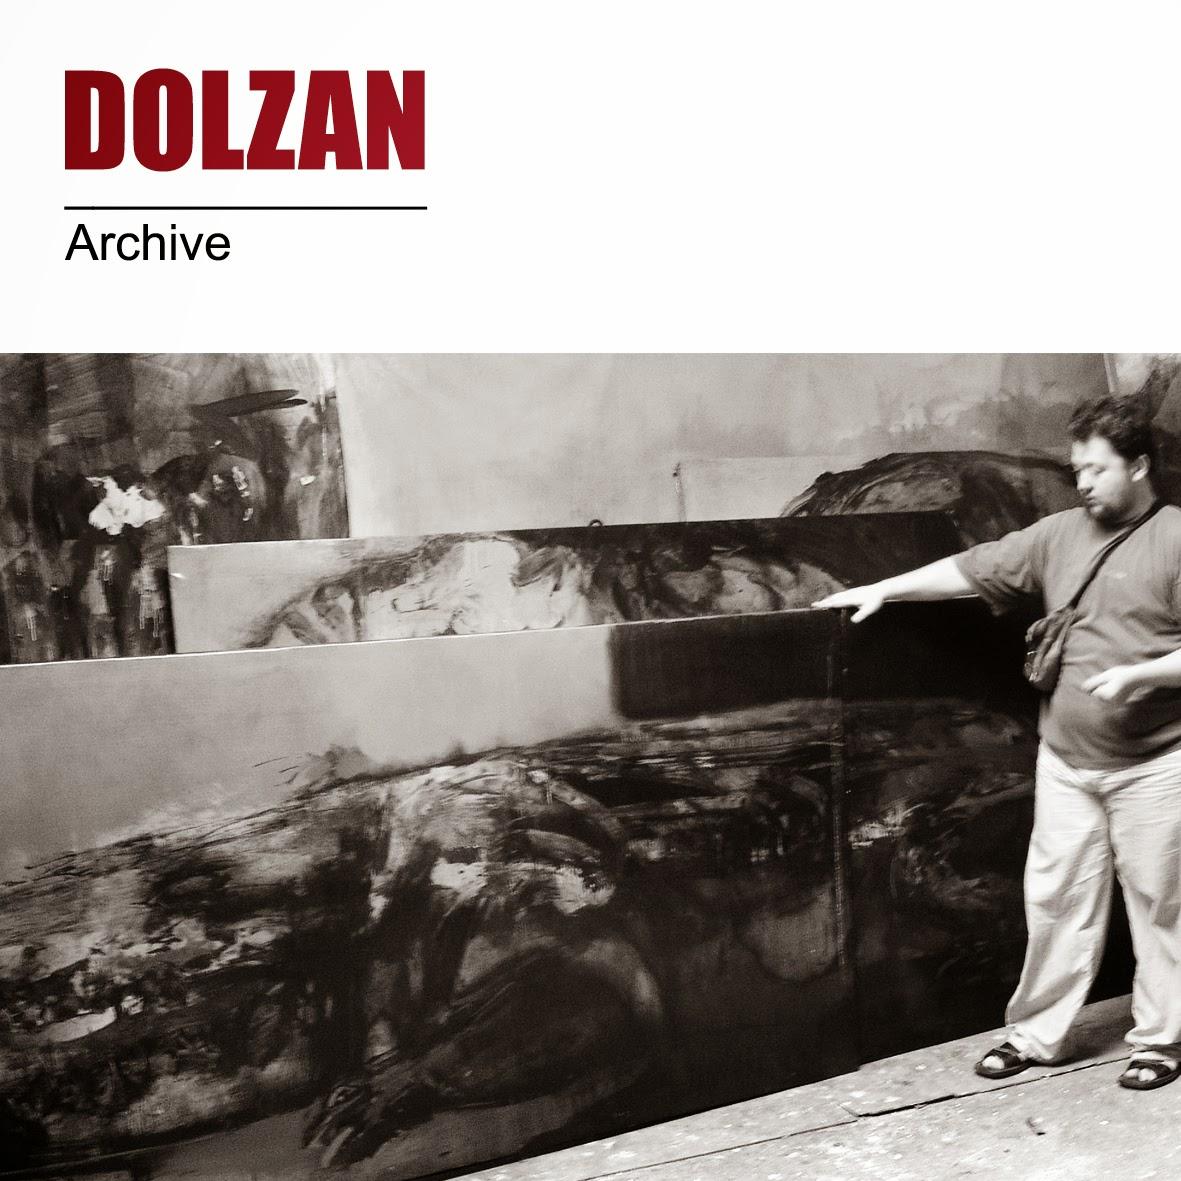 DOLZAN - Archive